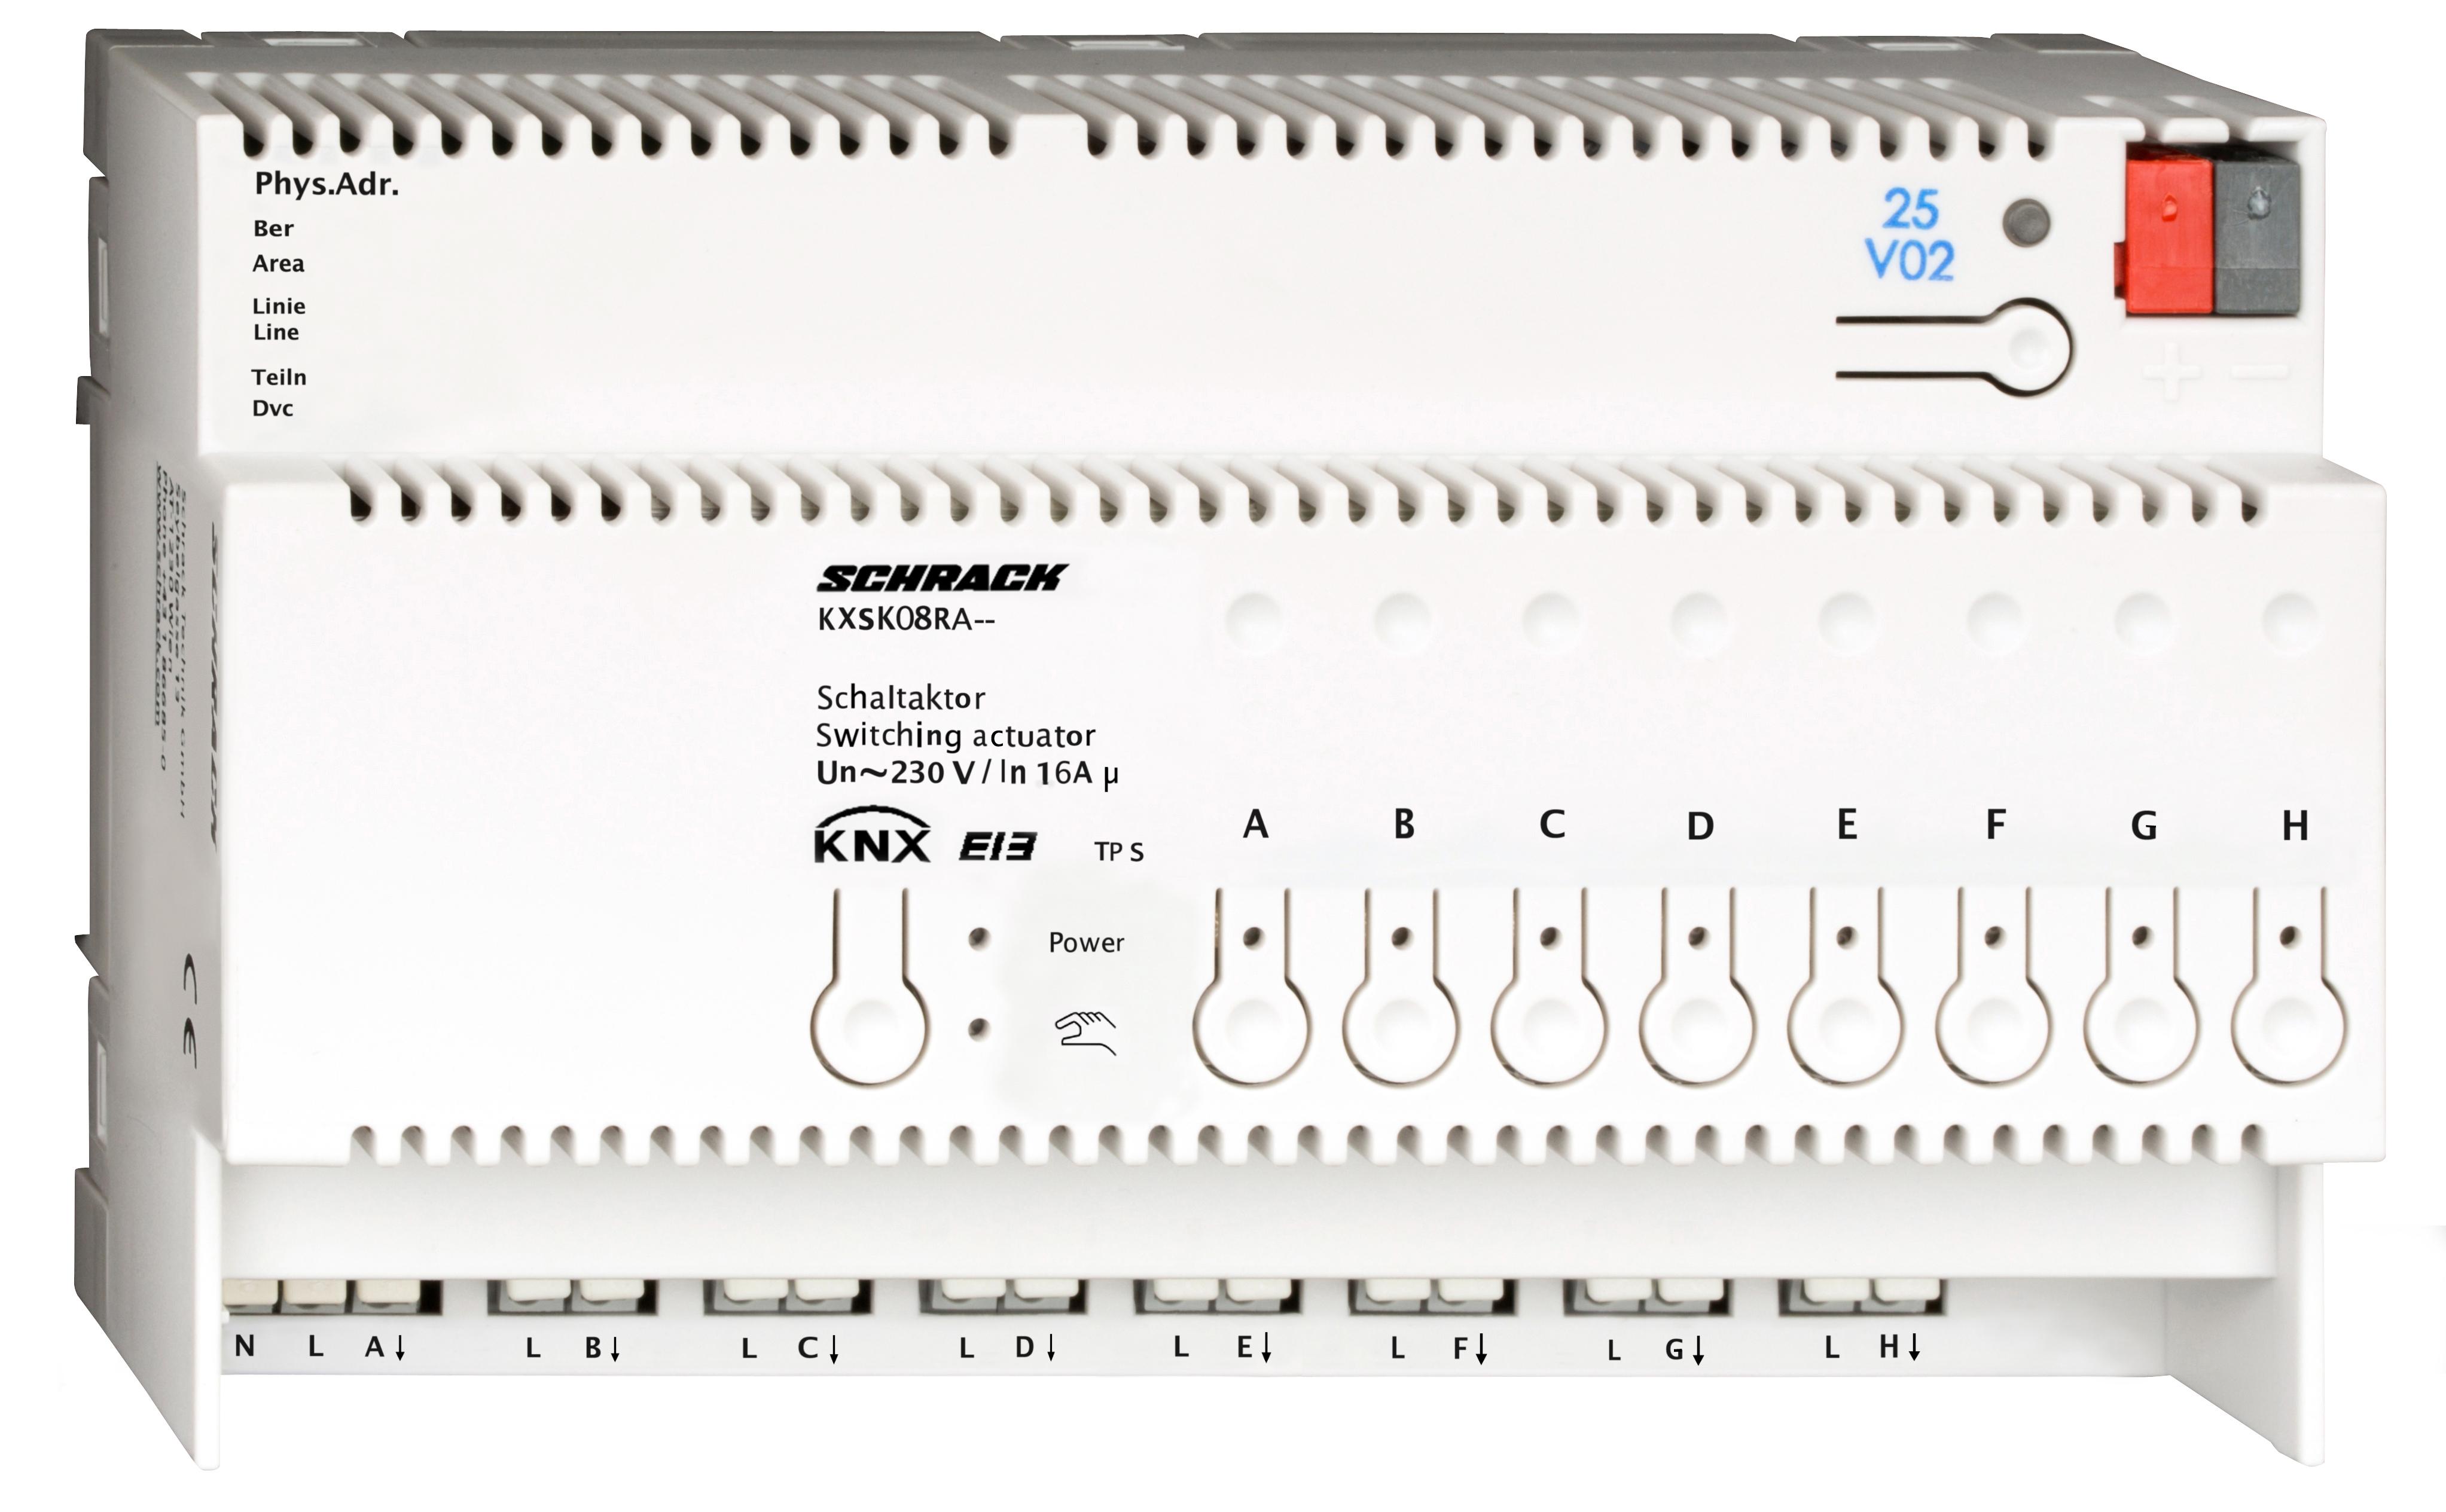 1 Stk KNX Schaltaktor, 8 x AC 230V, 16A KXSK08RA--